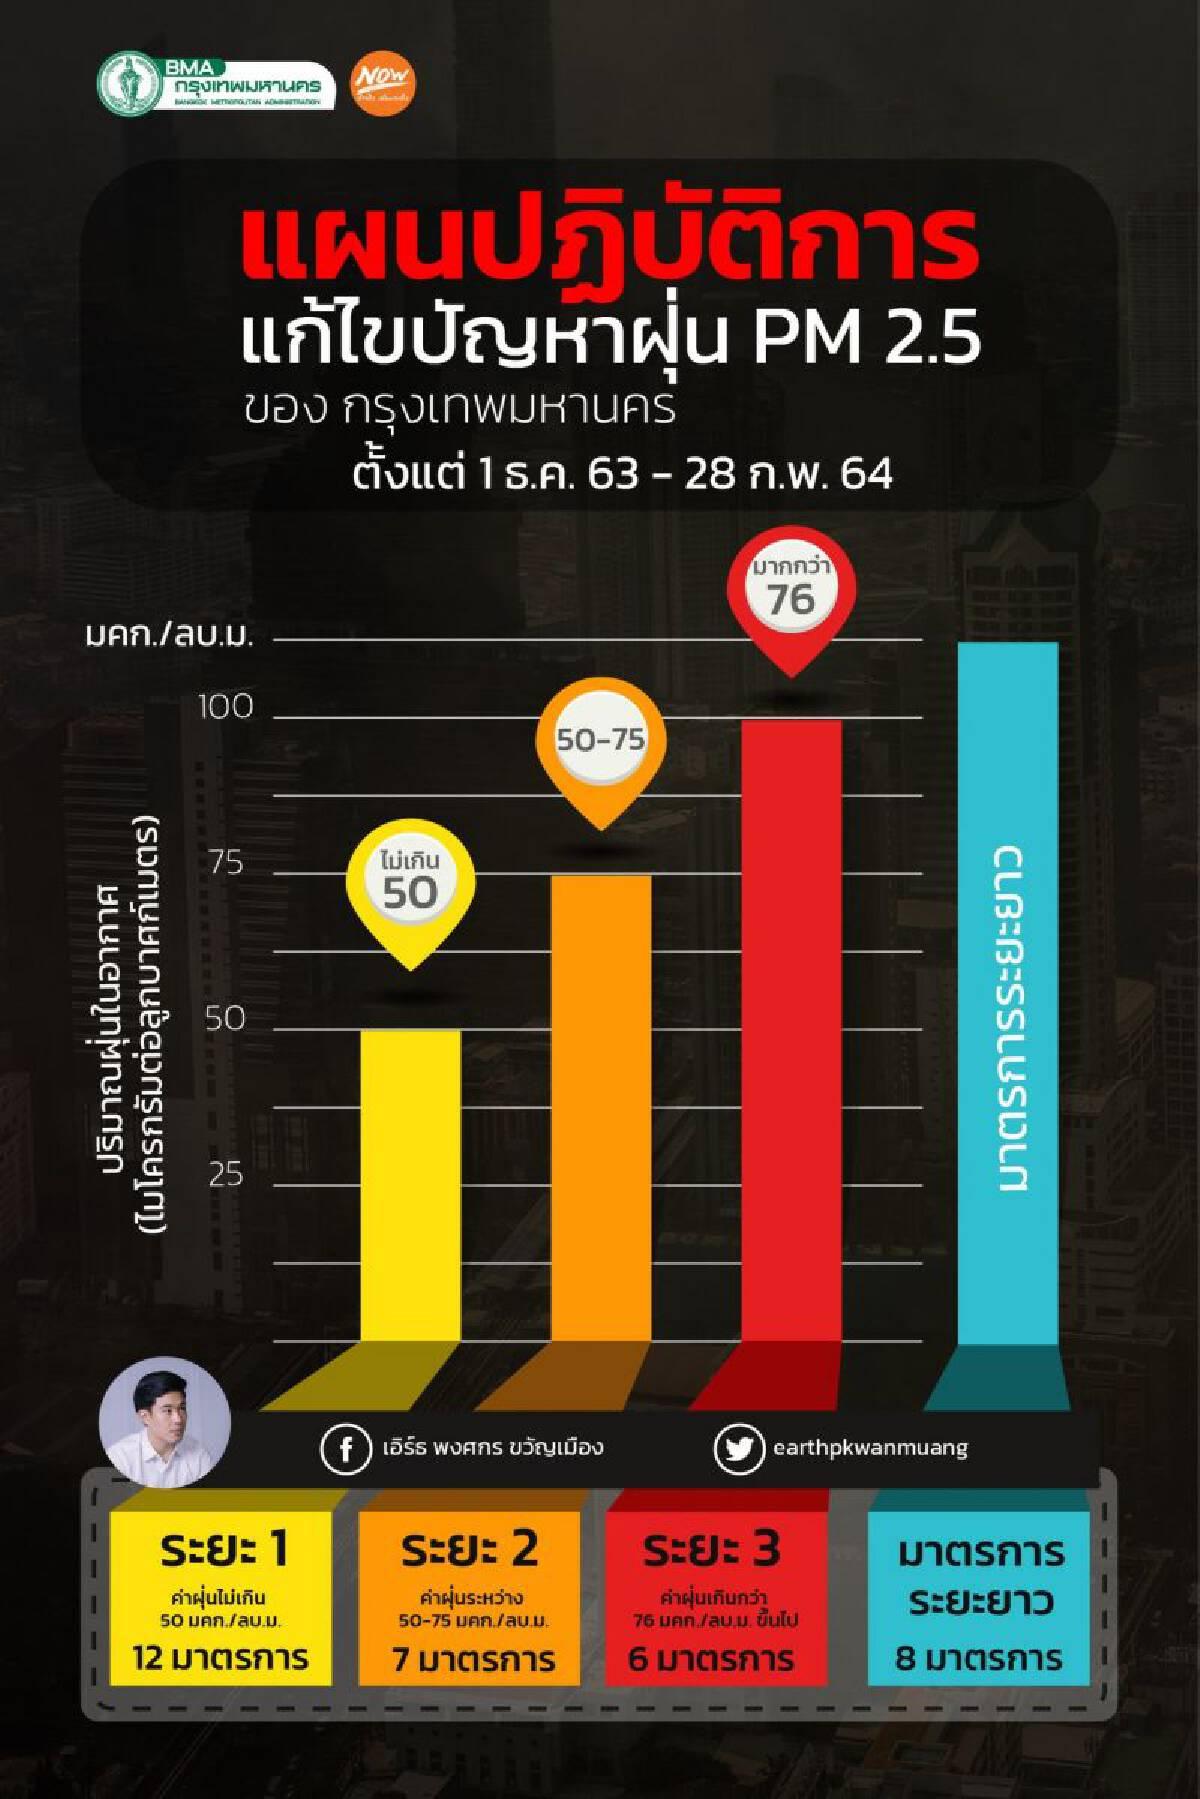 แผนปฏิบัติการแก้ไขปัญหาฝุ่นละออง PM2.5 ในพื้นที่กรุงเทพมหานคร ปี 2564